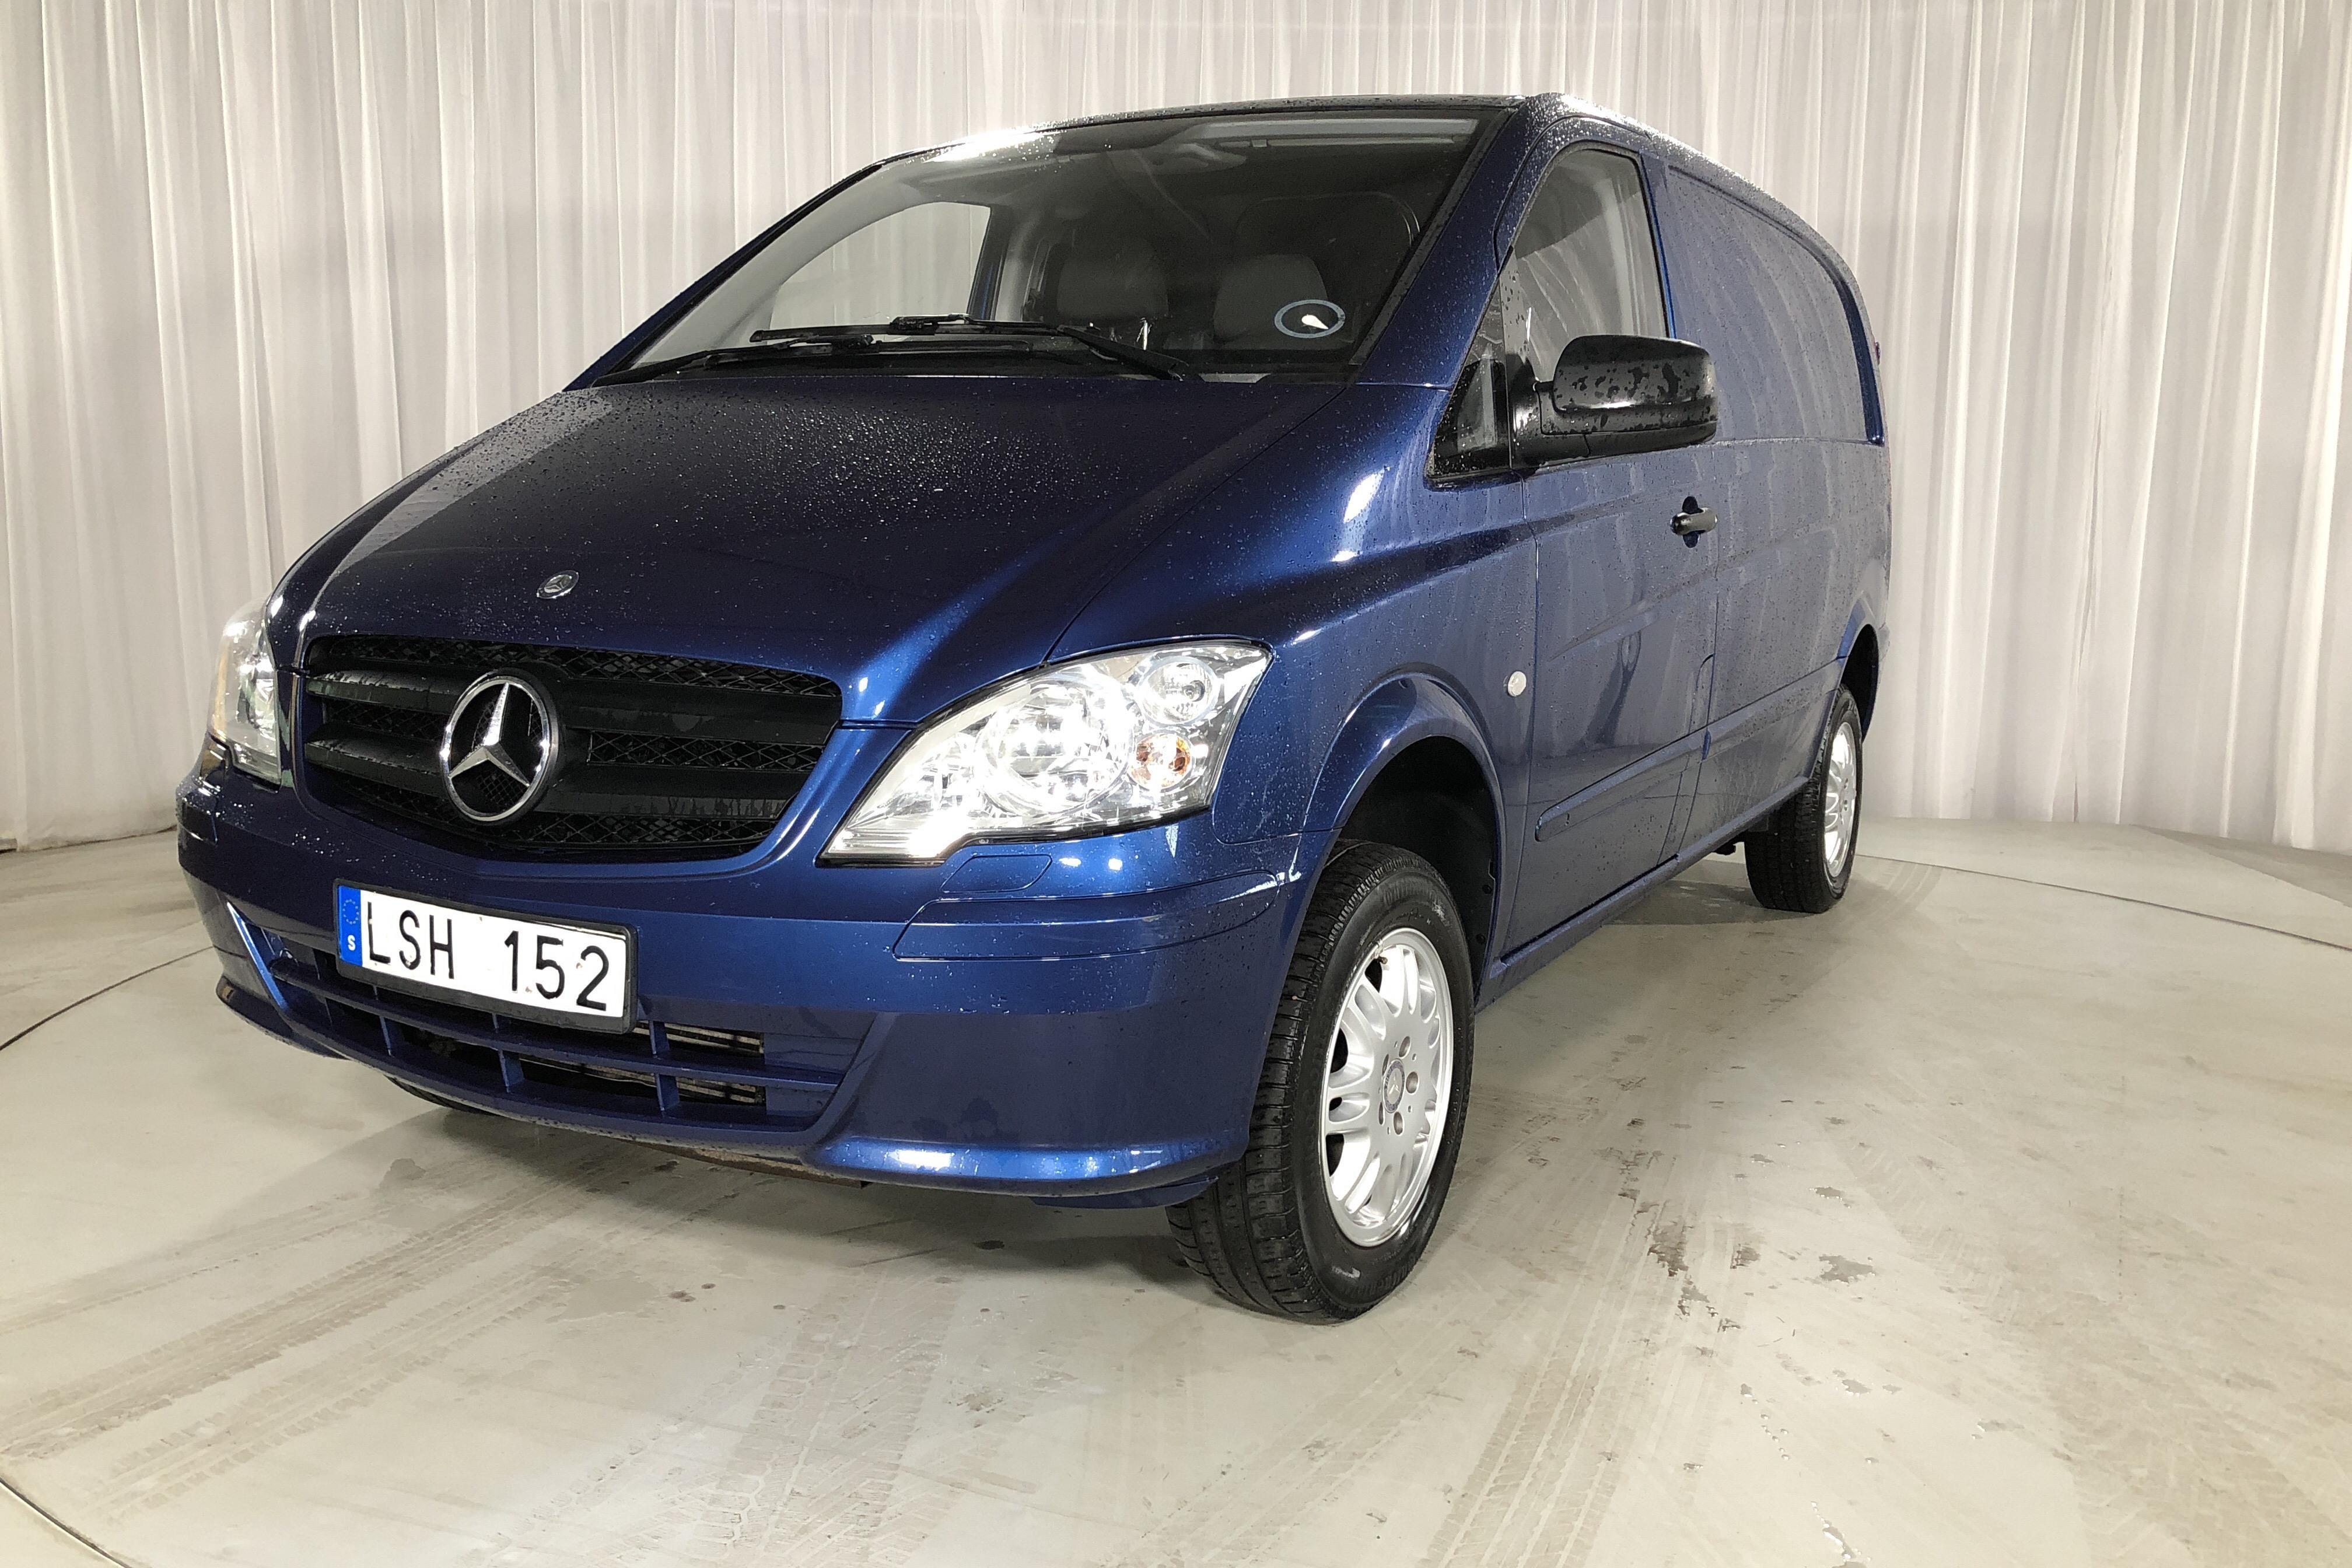 Mercedes Vito 113 CDI 4x4 W639 (136 PS)